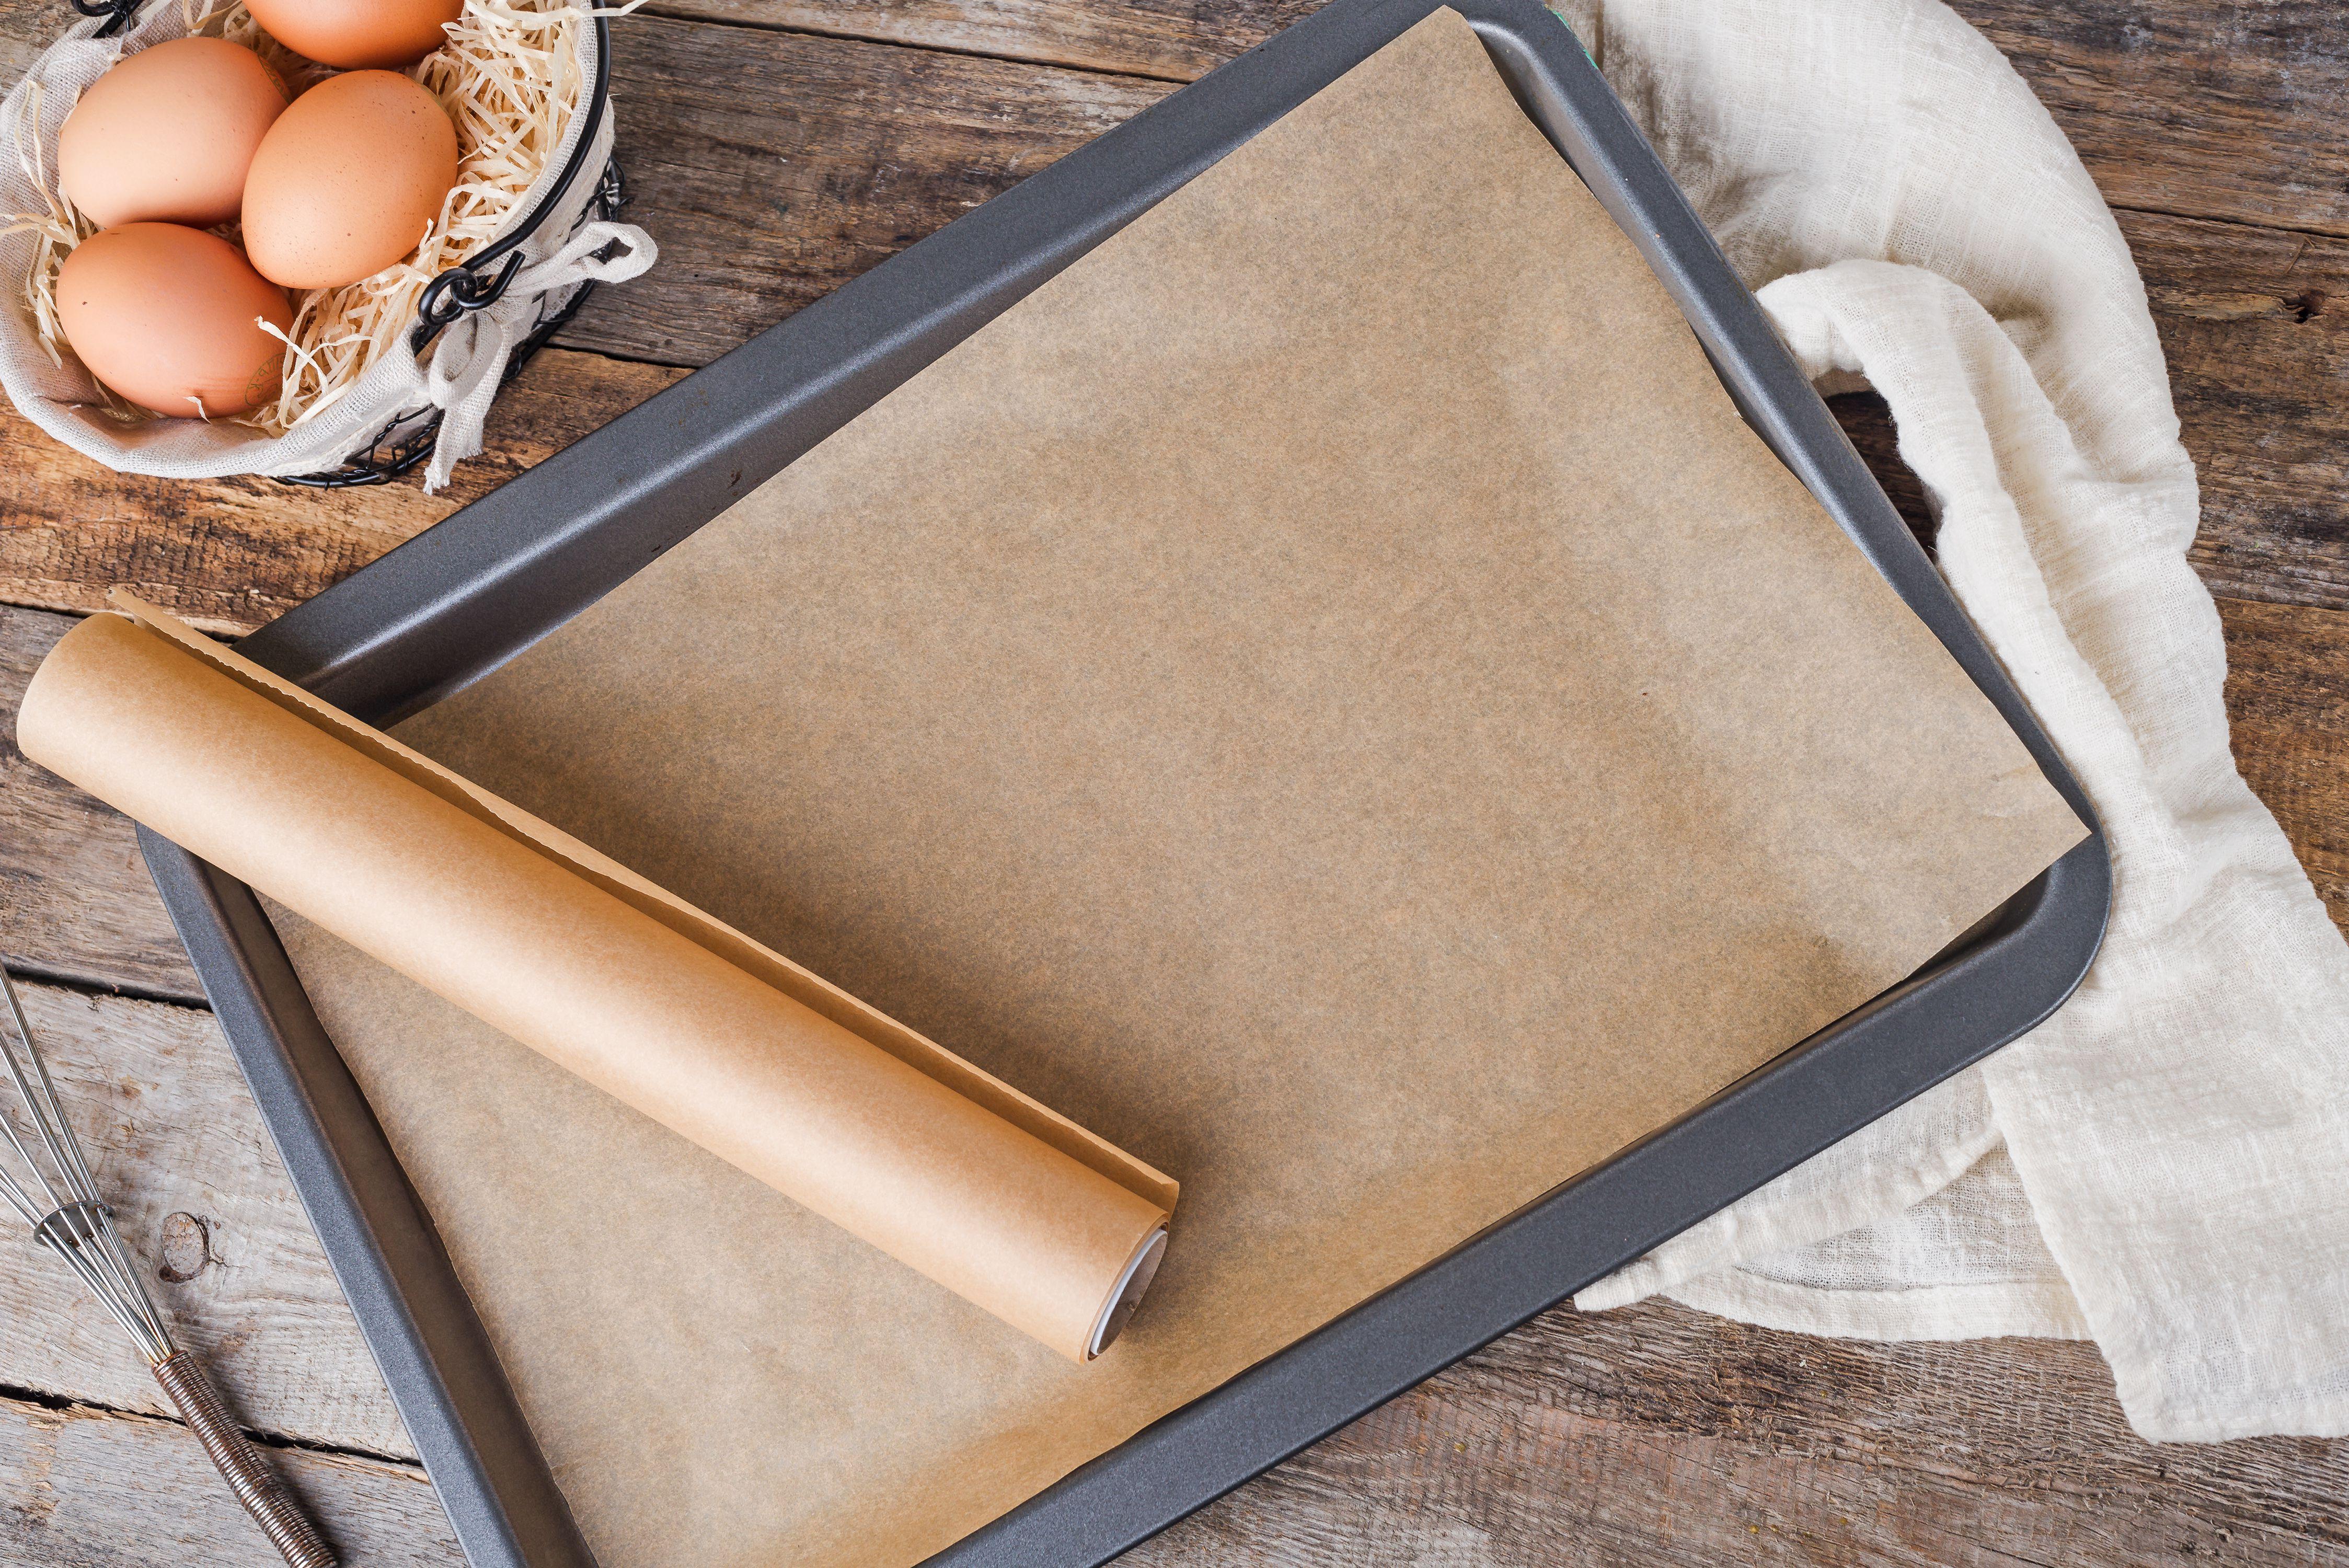 Paper on baking sheet